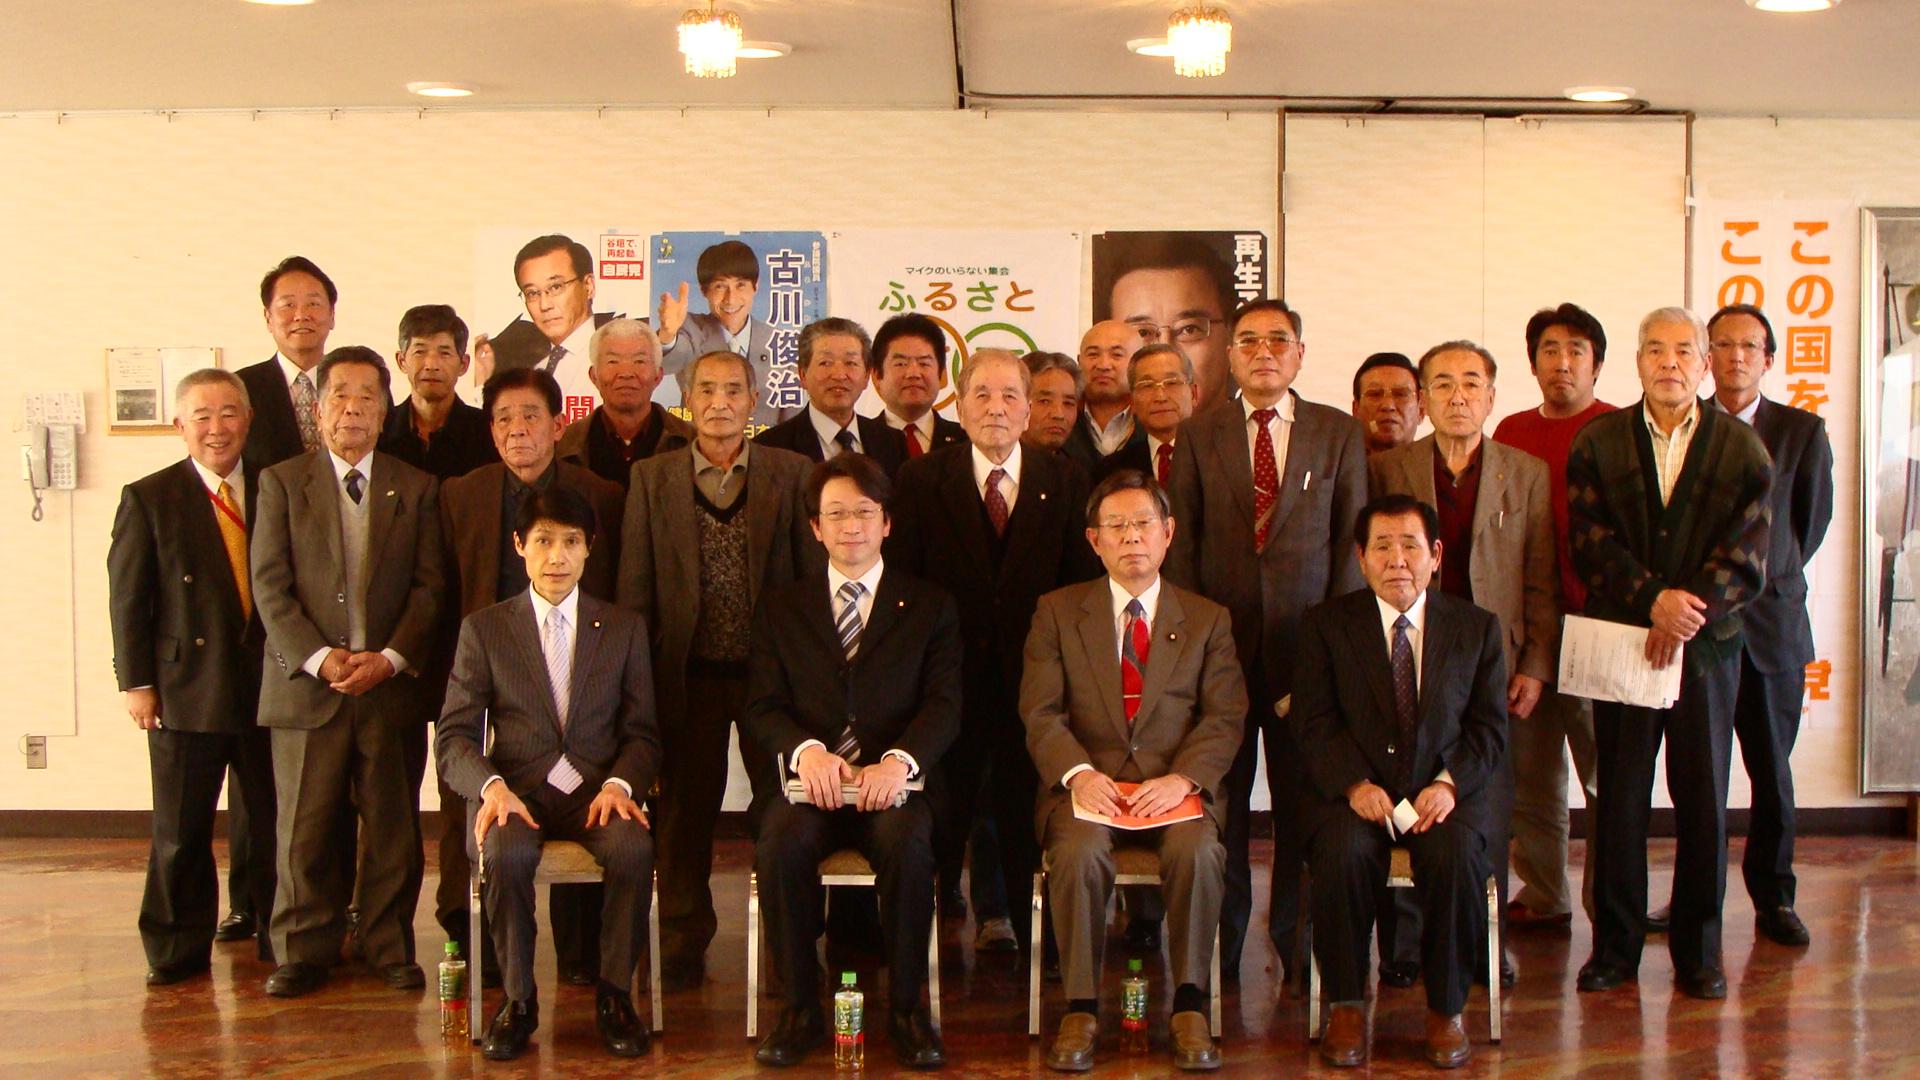 2月 | 2010 | 古川俊治